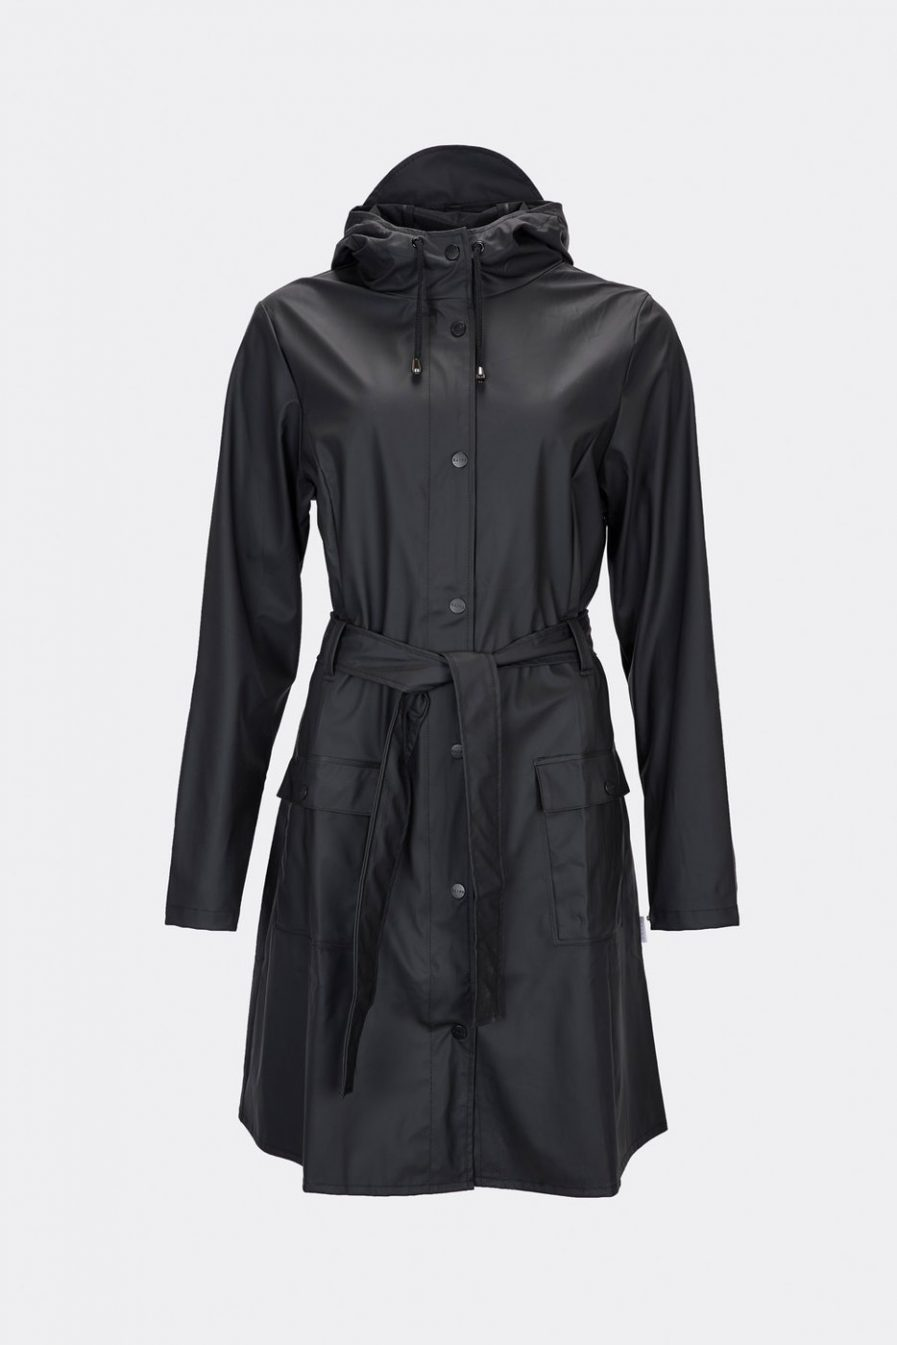 Rains Curve Jacket Black XXS/XS